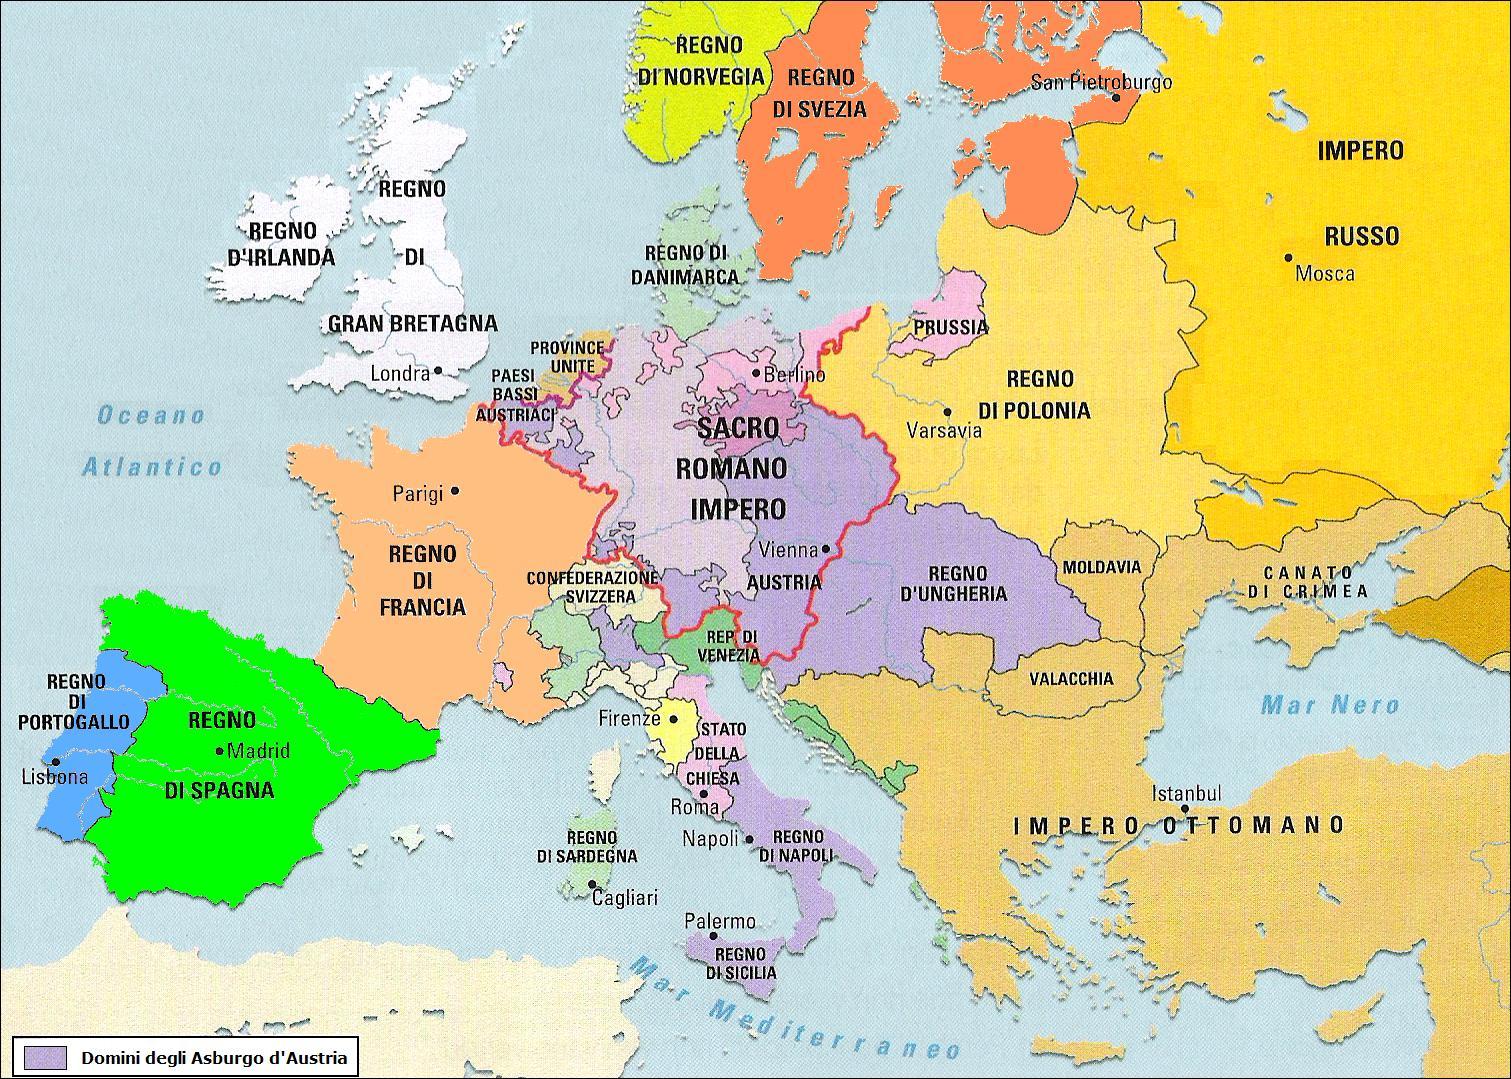 Imparare con la storia 58 l 39 europa nell 39 et dei lumi - Mappa di ungheria ed europa ...